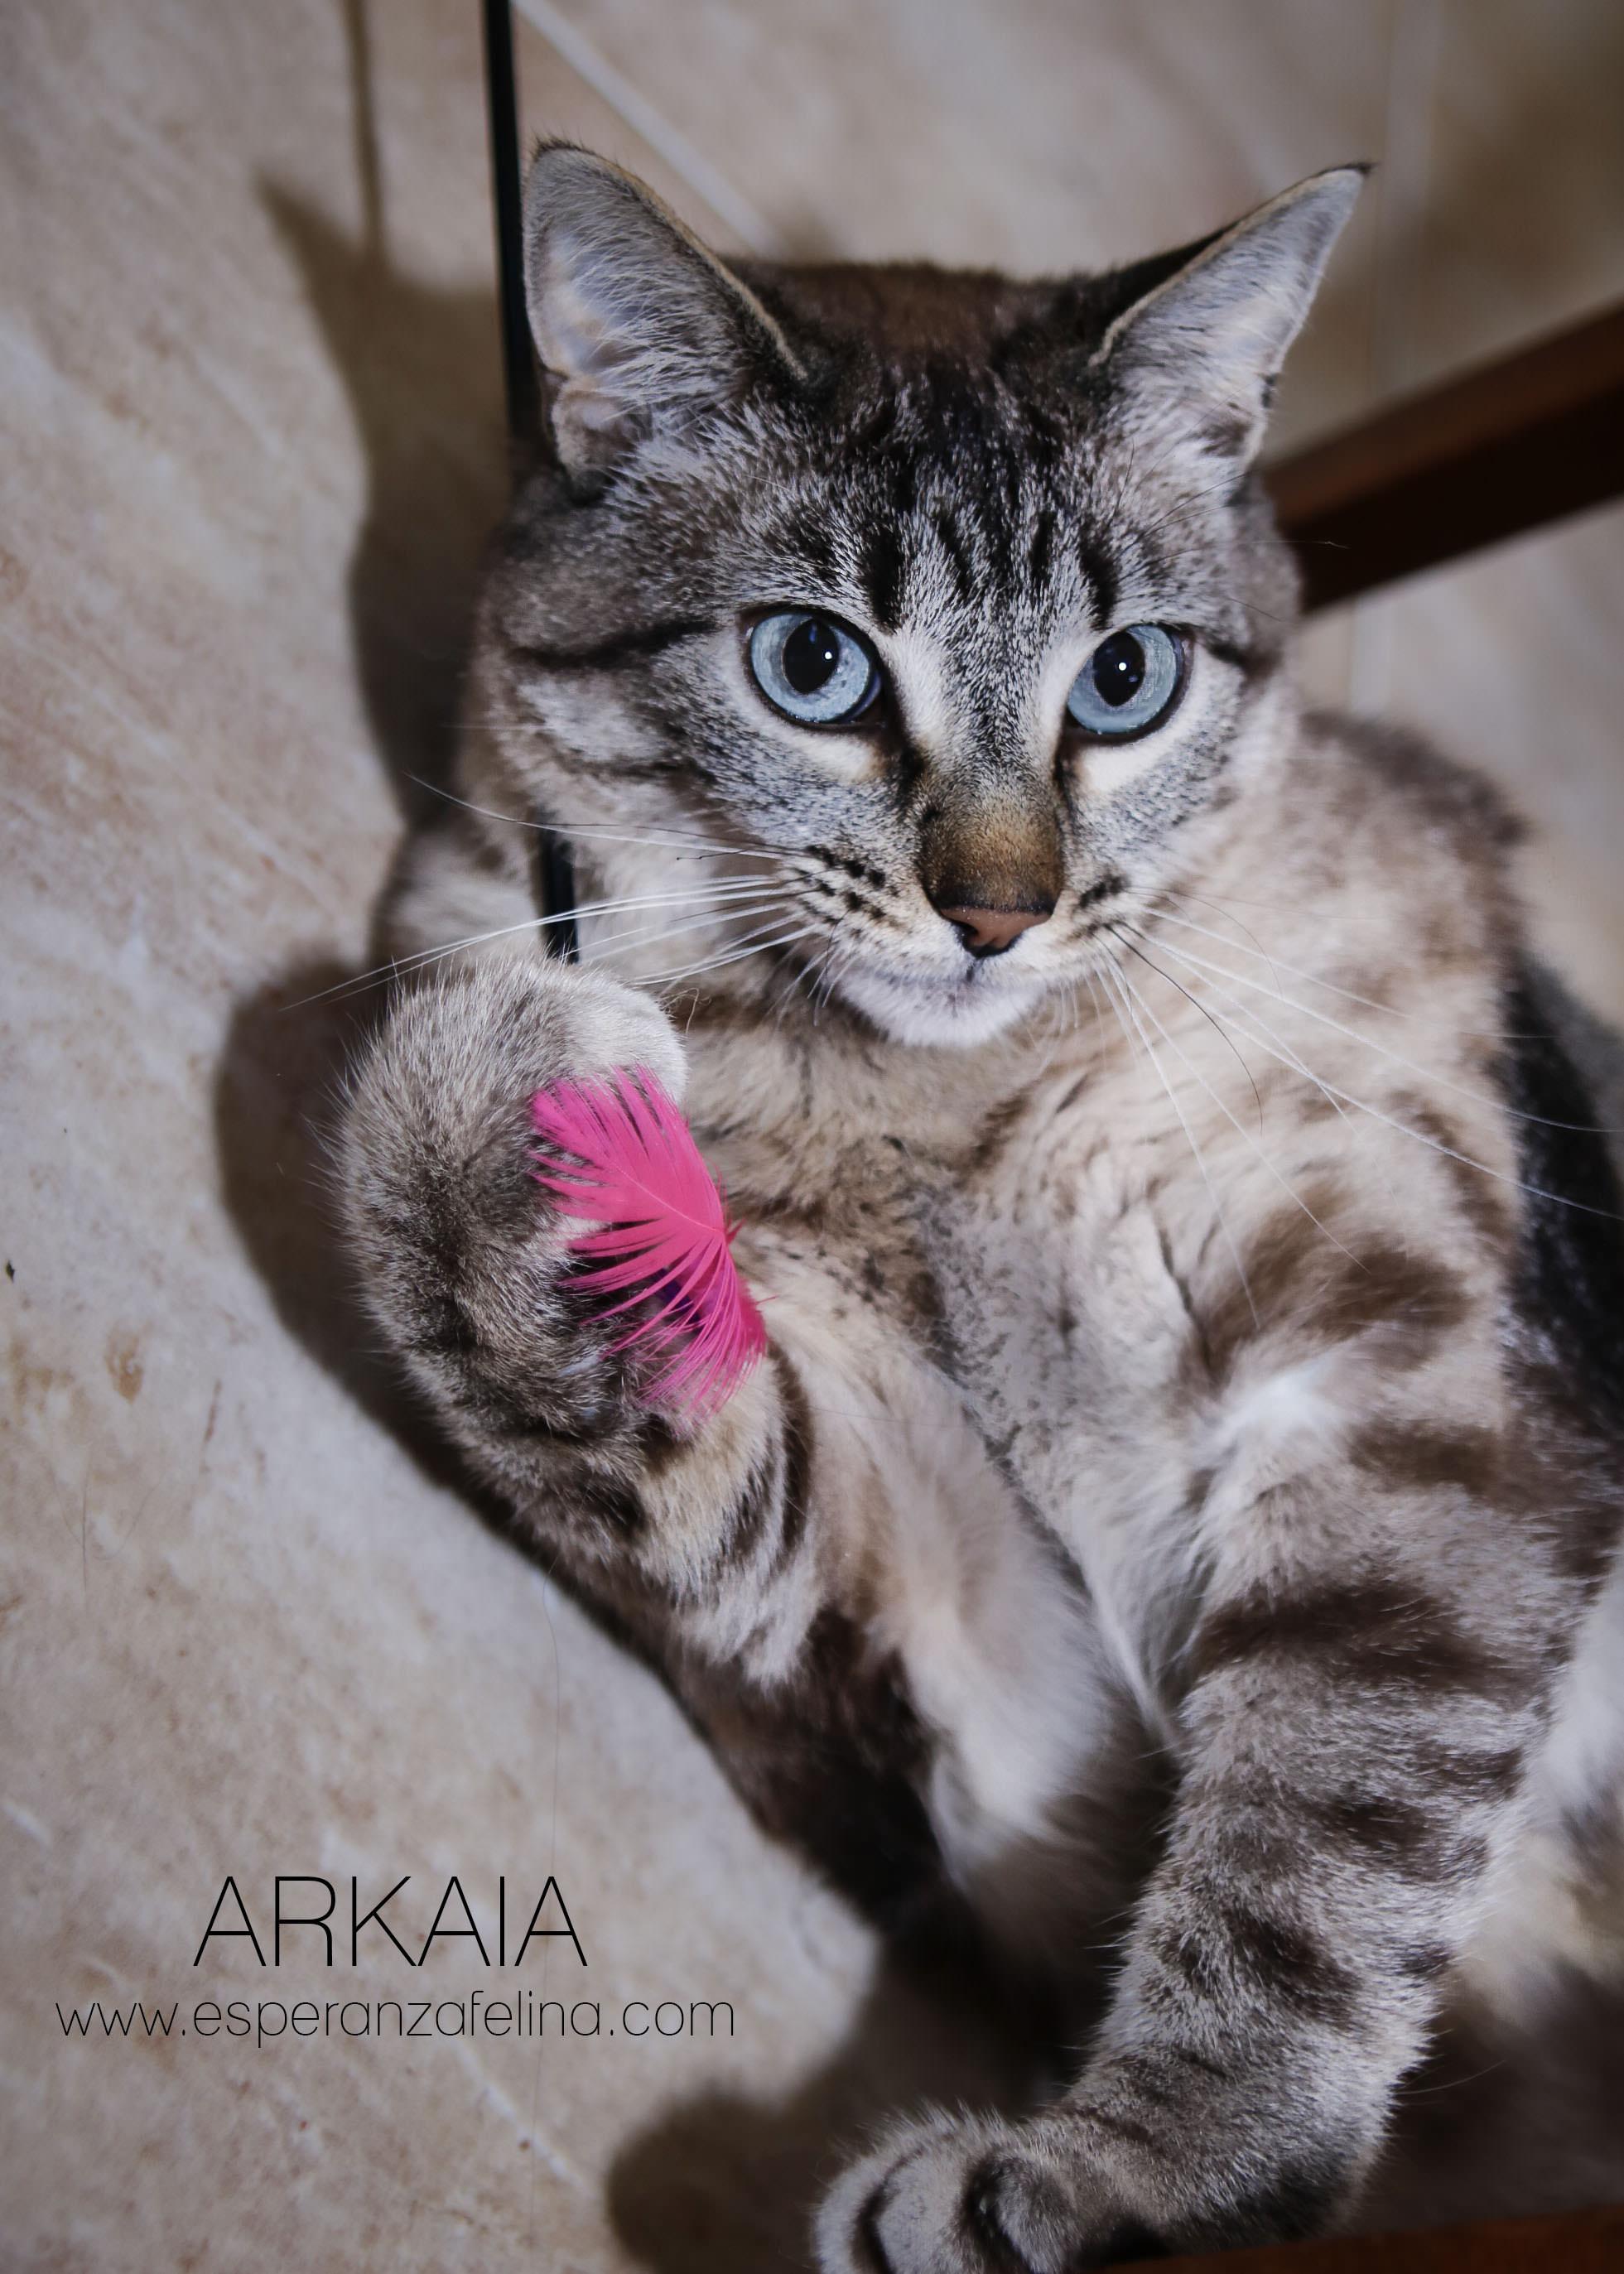 ARKAIA, gatita rescatada en la zona de Arkaiate (F.N. aprox: 1/01/2016) Álava Arkaia12